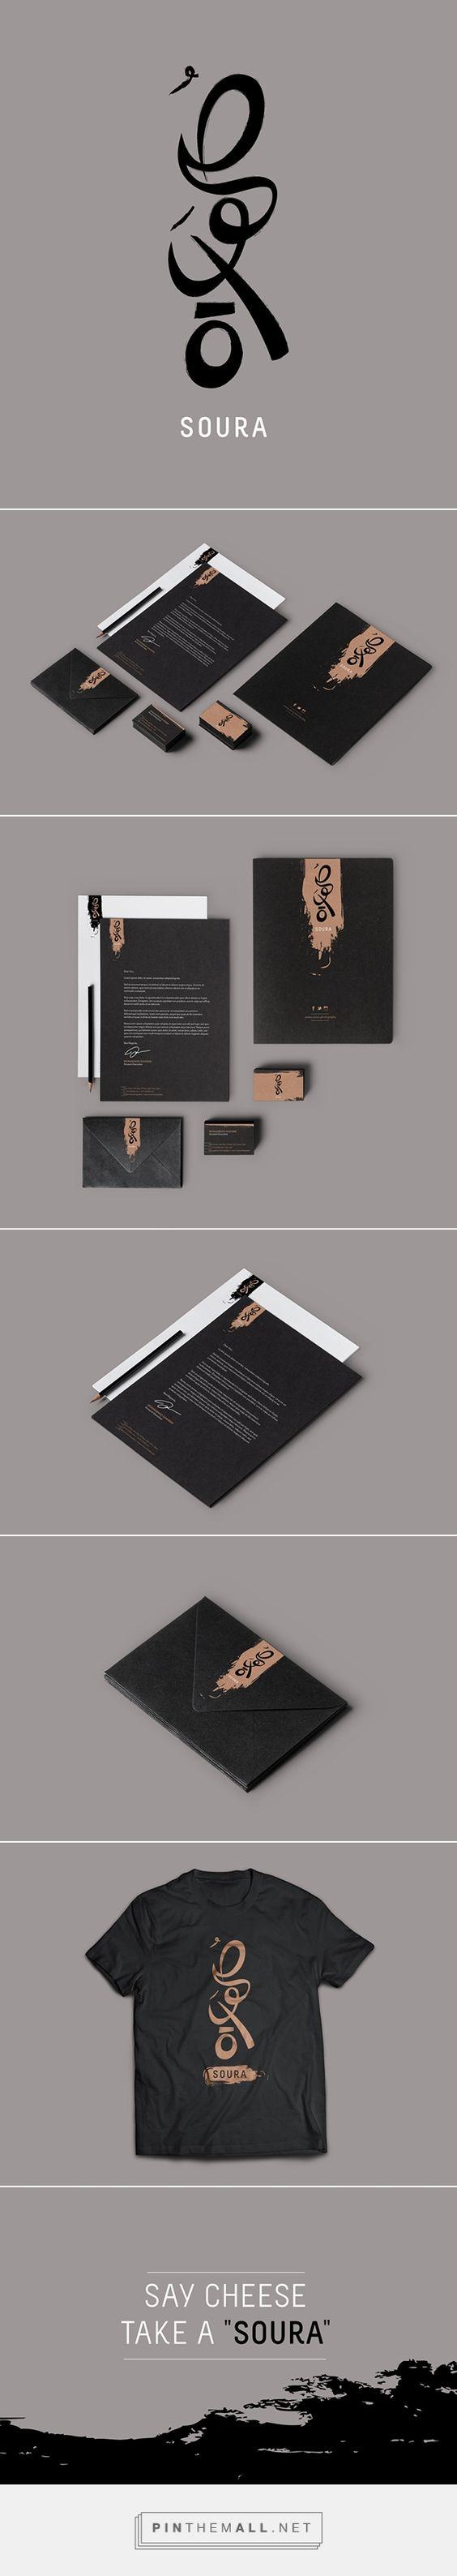 Soura Branding on Behance   Fivestar Branding – Design and Branding Agency & Inspiration Gallery